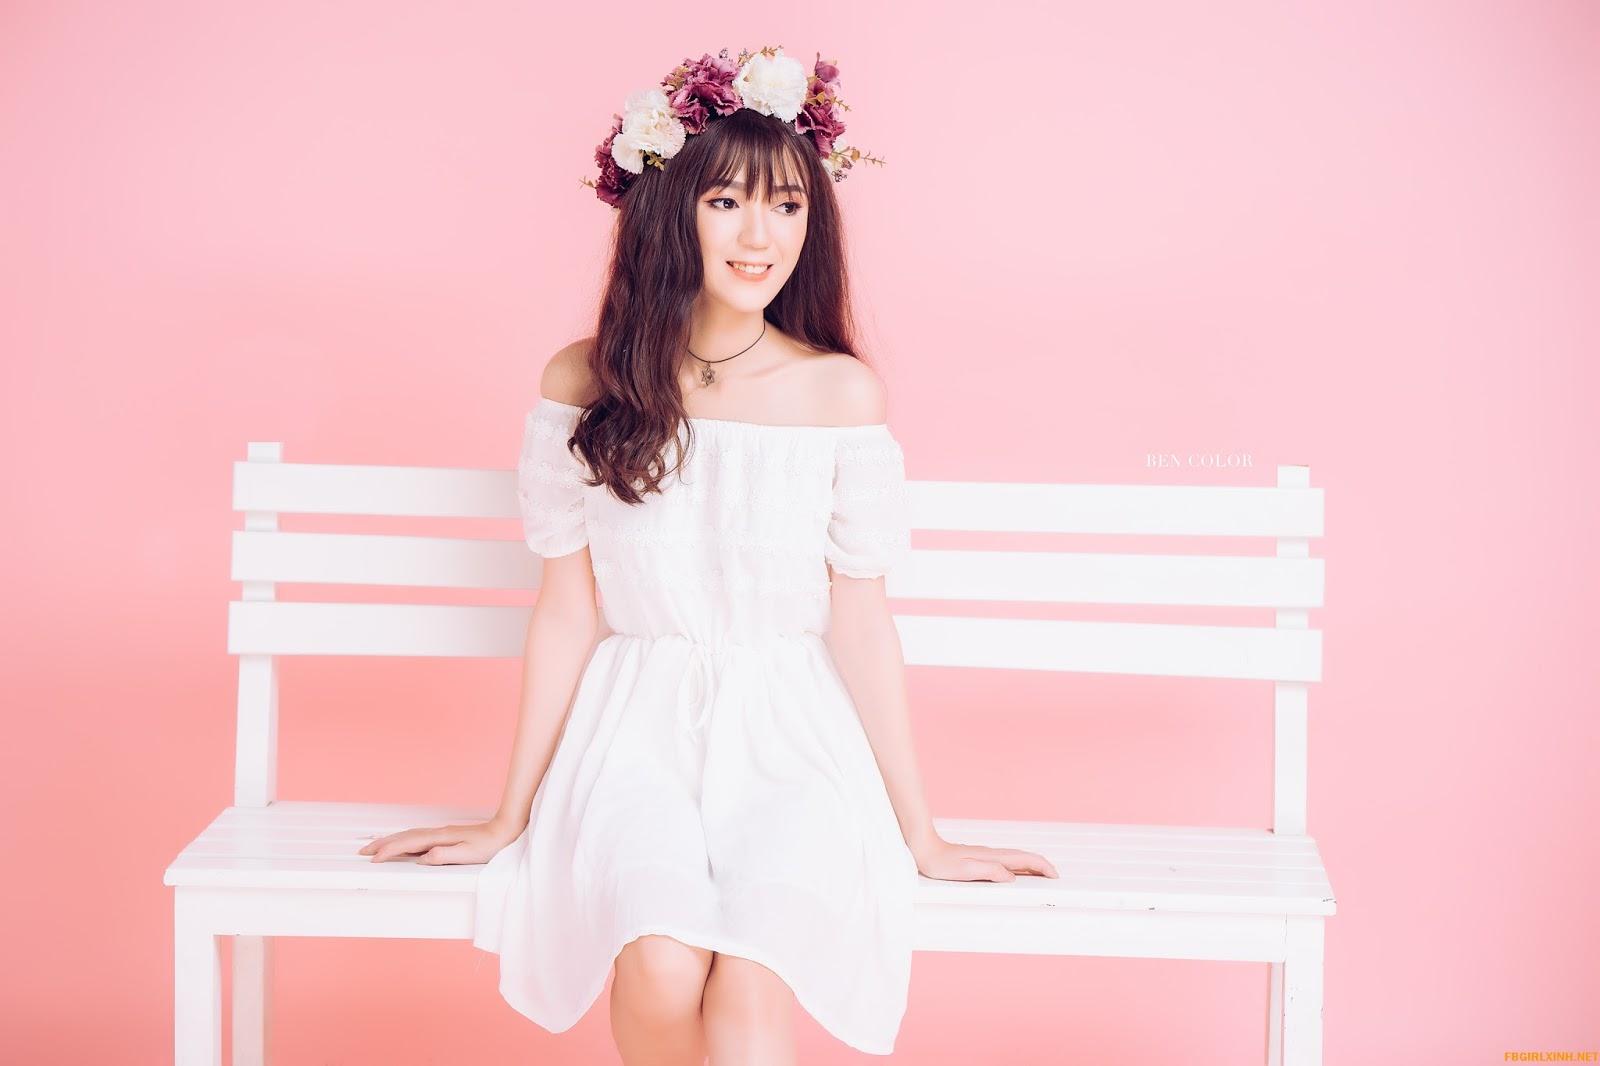 [4K] Bộ ảnh tổng hợp girl xinh duyên dáng đáng yêu @BaoBua: Profile Mix